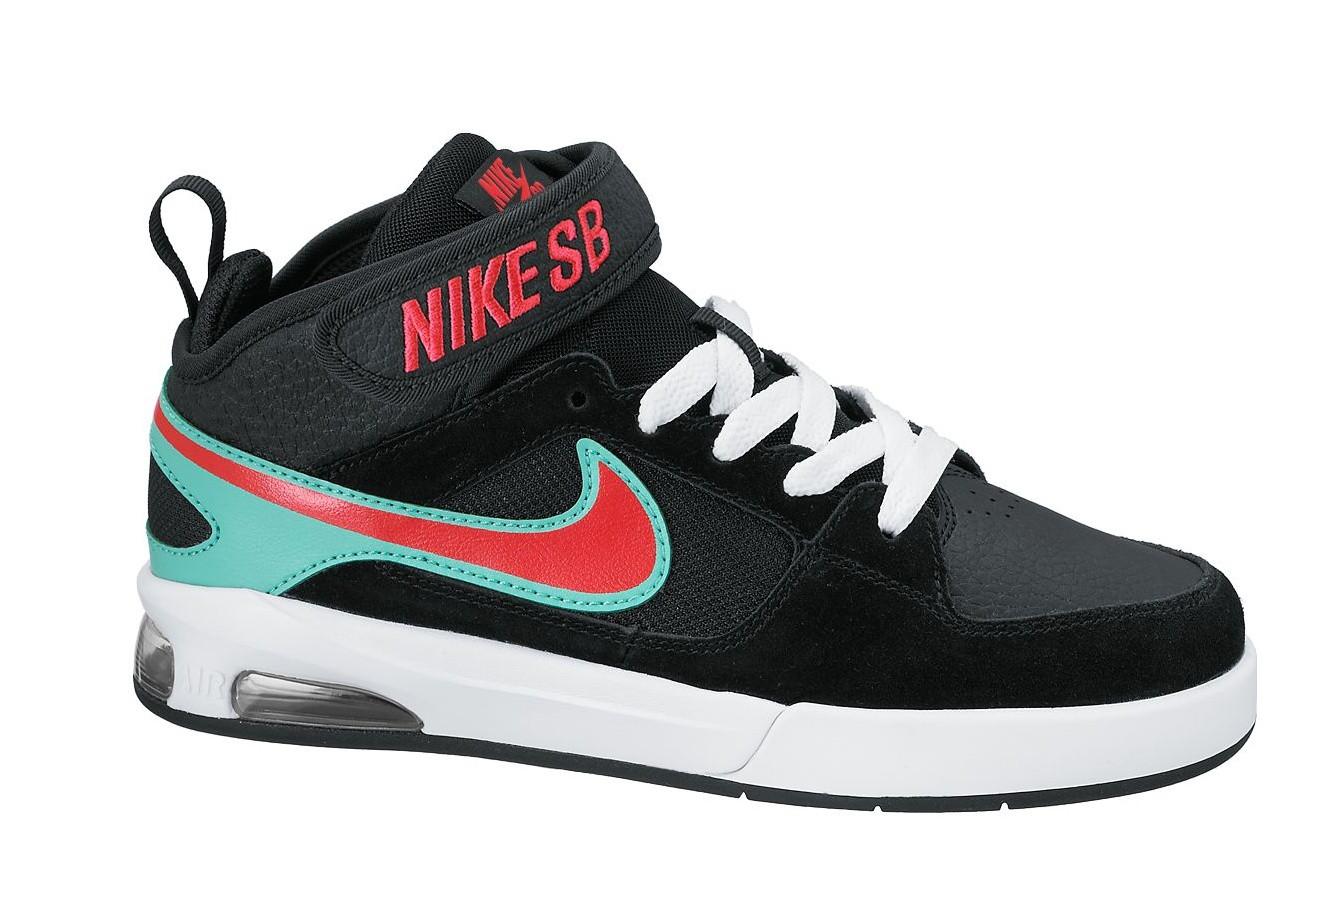 4989be8a321 Dětské boty Nike AIR SHADOW MID (GS)